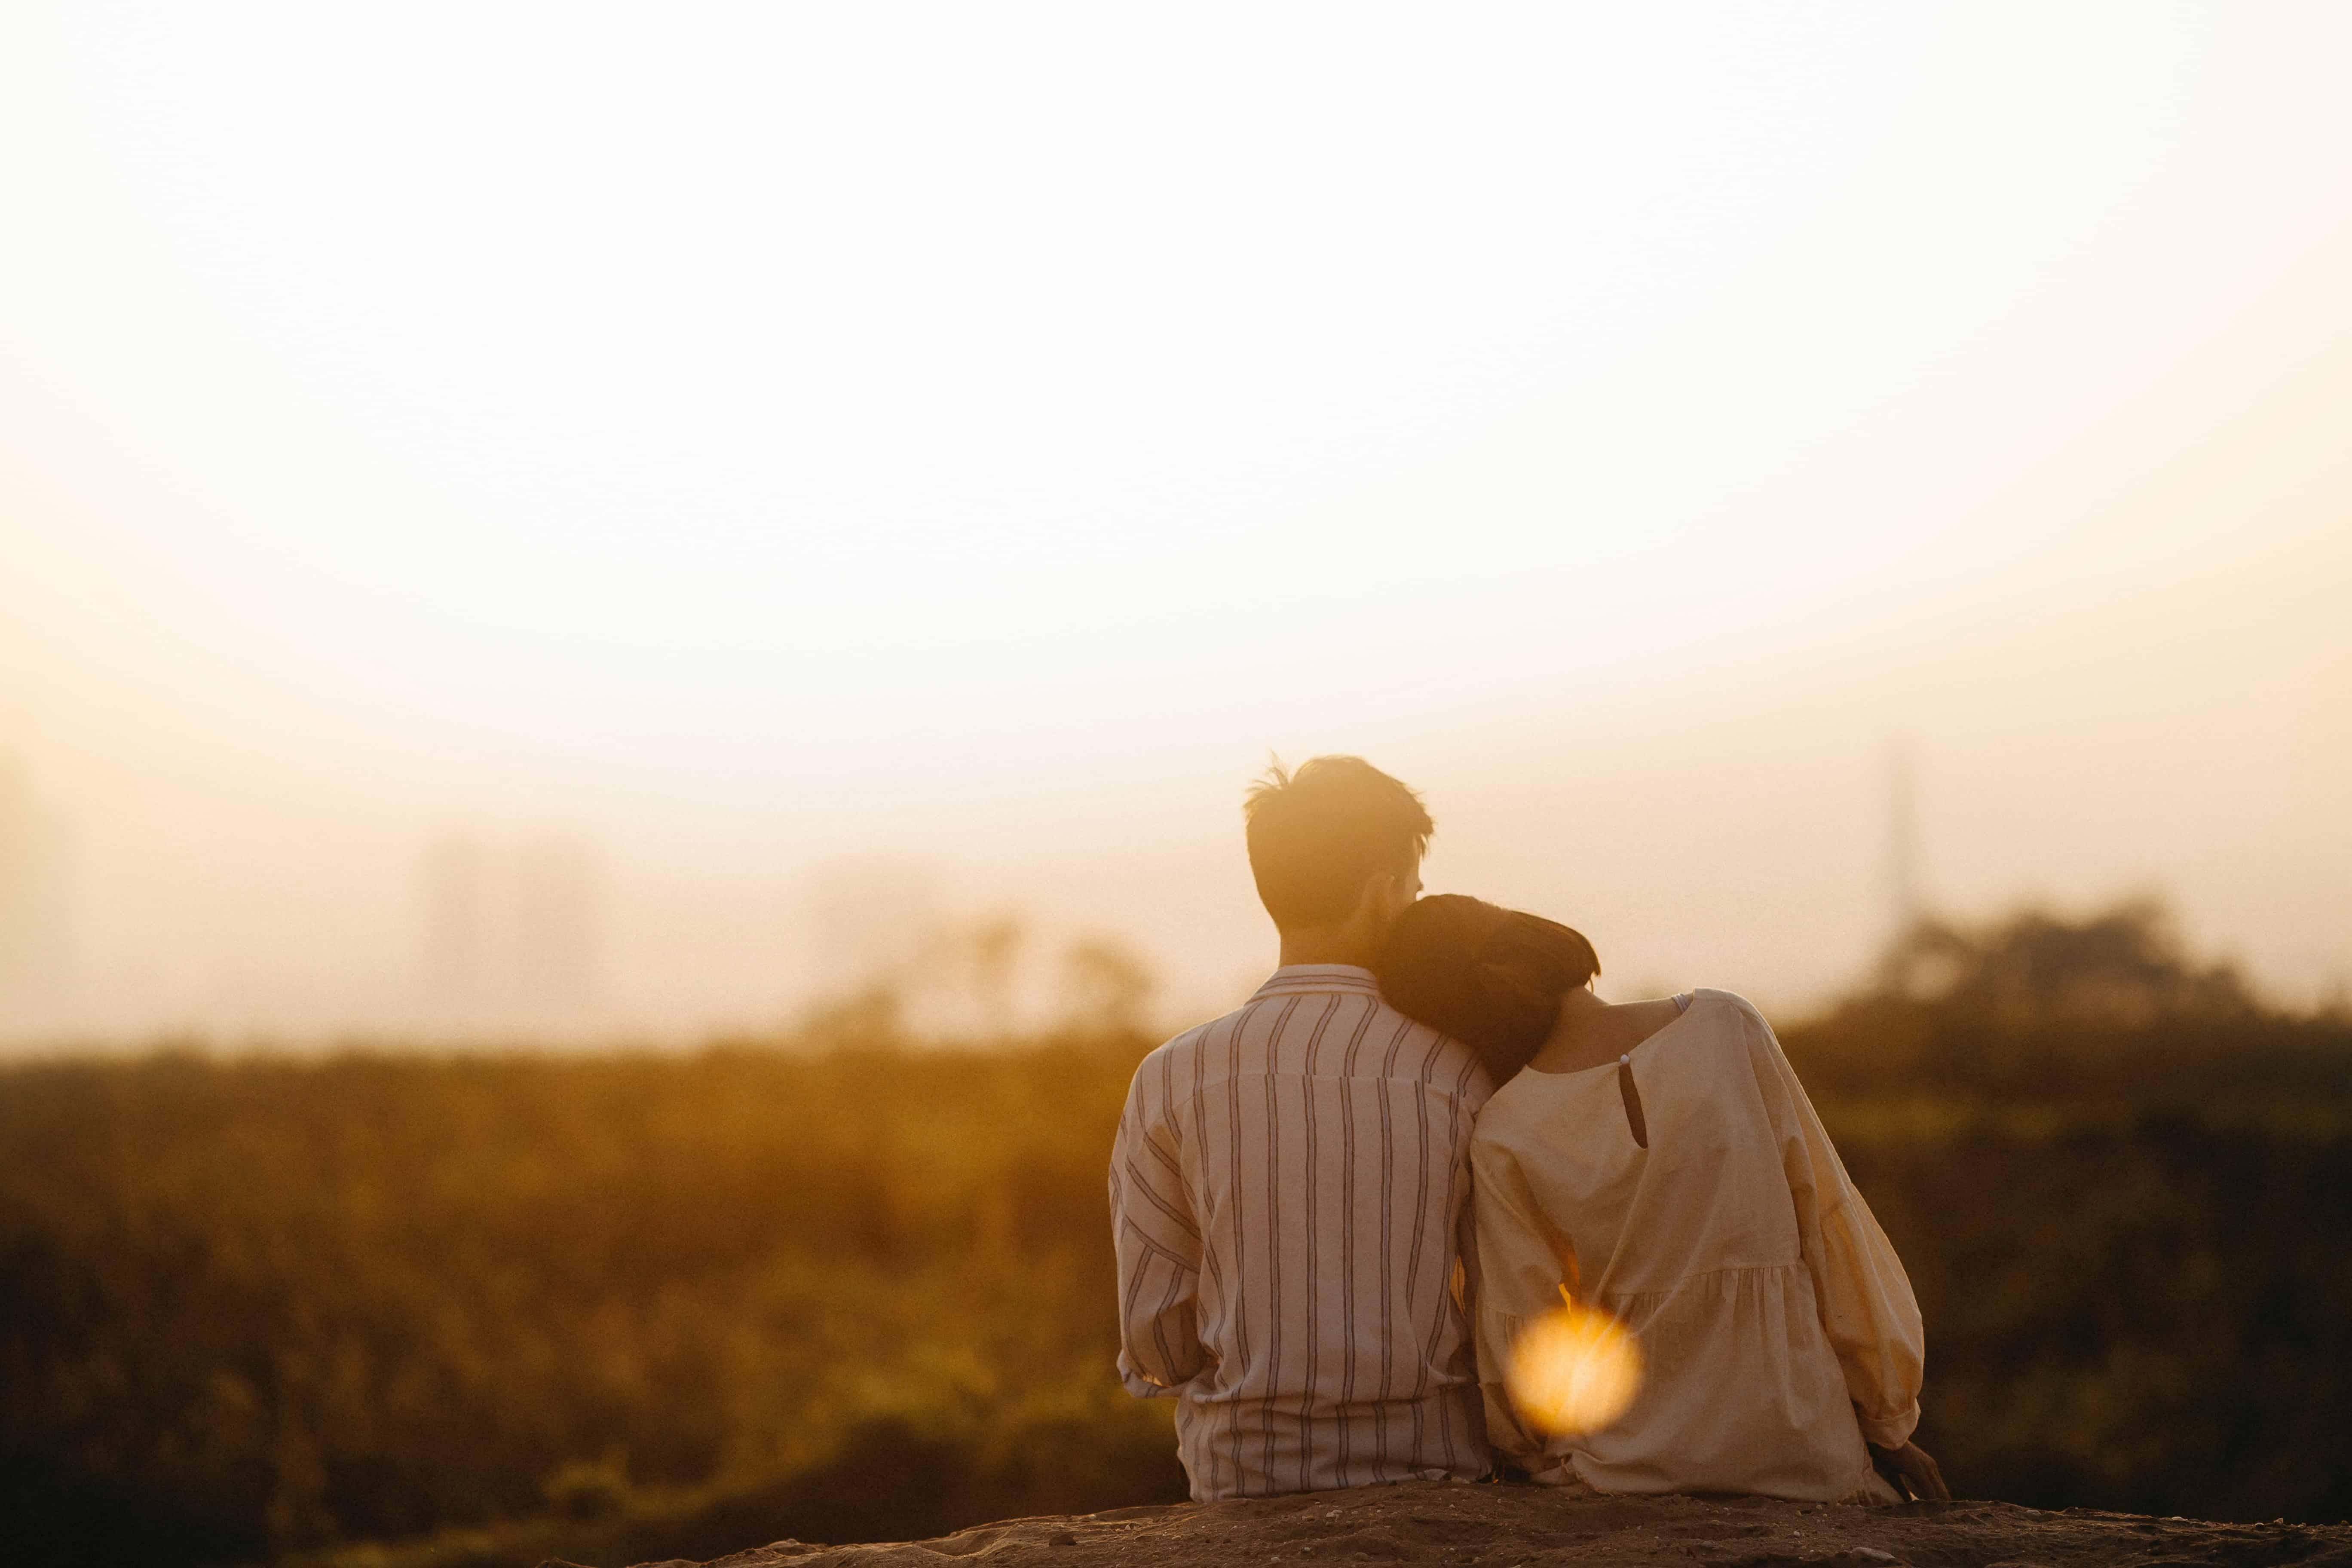 eine Frau, die sich auf einen Mann stützt, während sie während des Sonnenuntergangs in der Natur sitzt